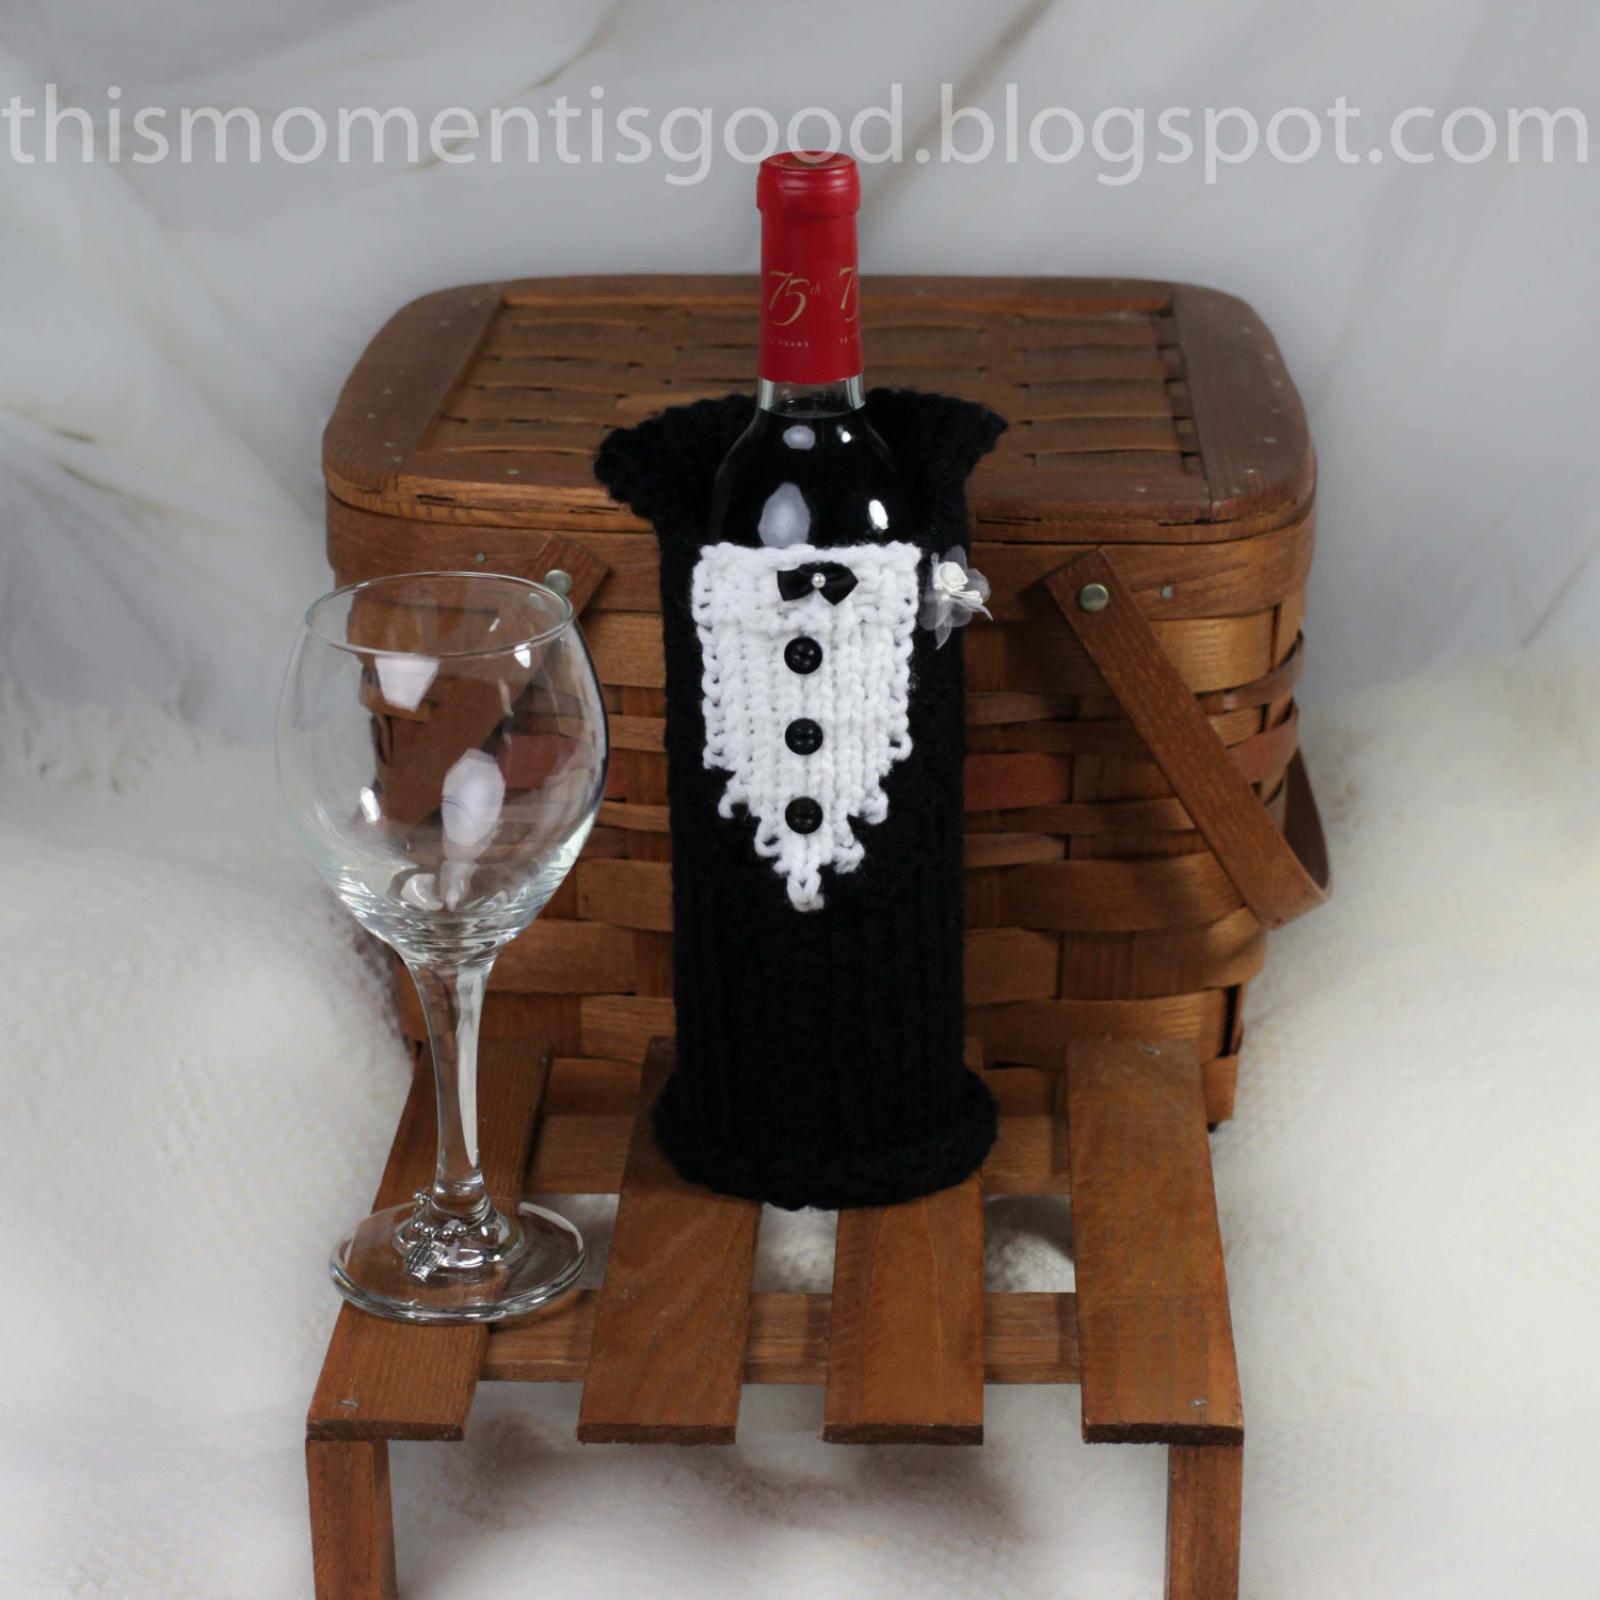 Loom Knit Wine Bottle Cover Pattern Bride & Groom! (2) PATTERNS ...